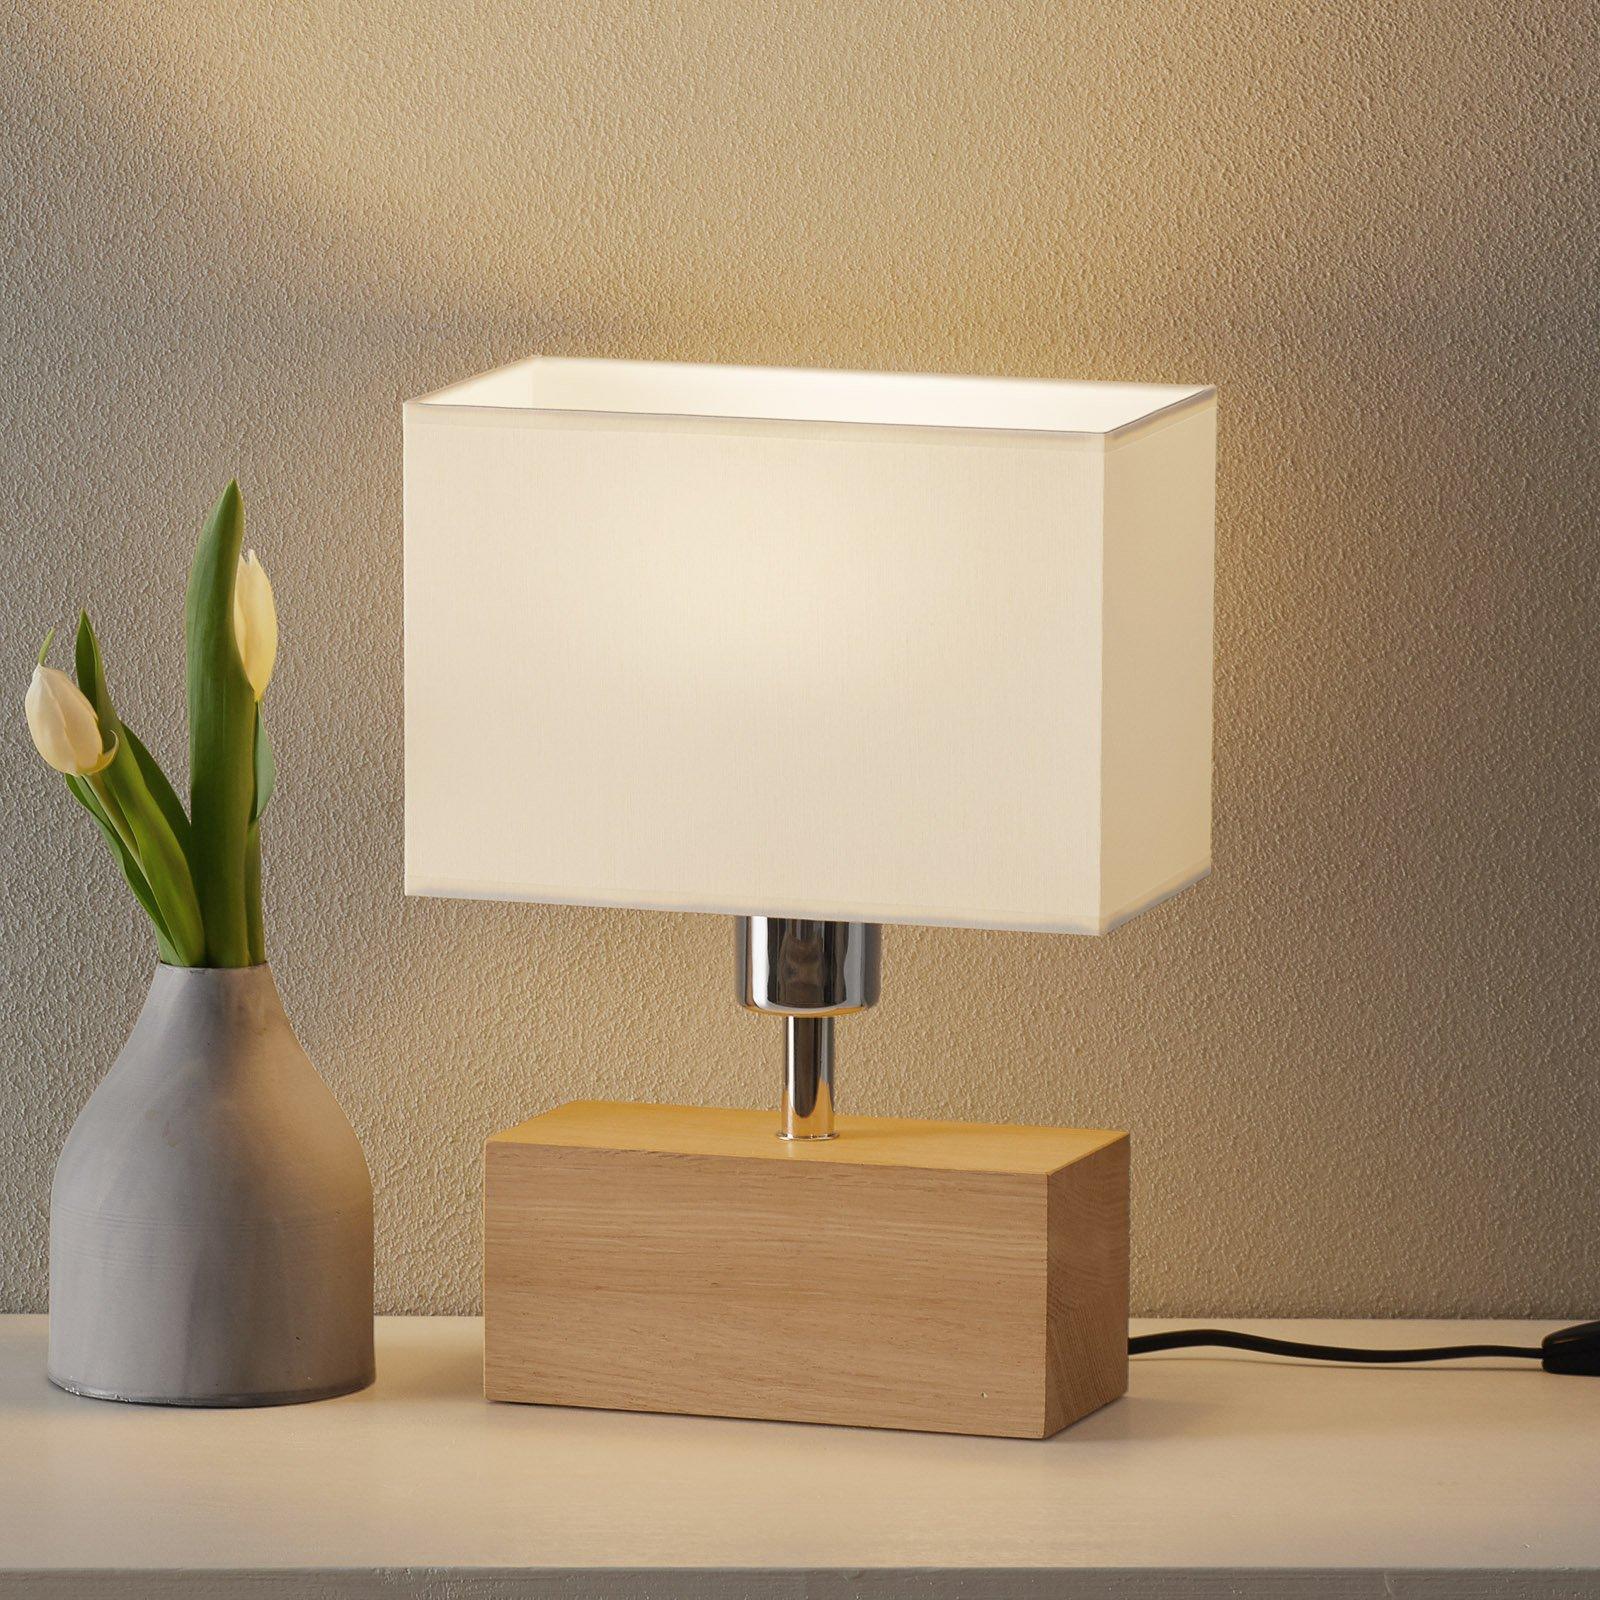 Bordlampe Theo, skjerm hvit, fot eik oljet